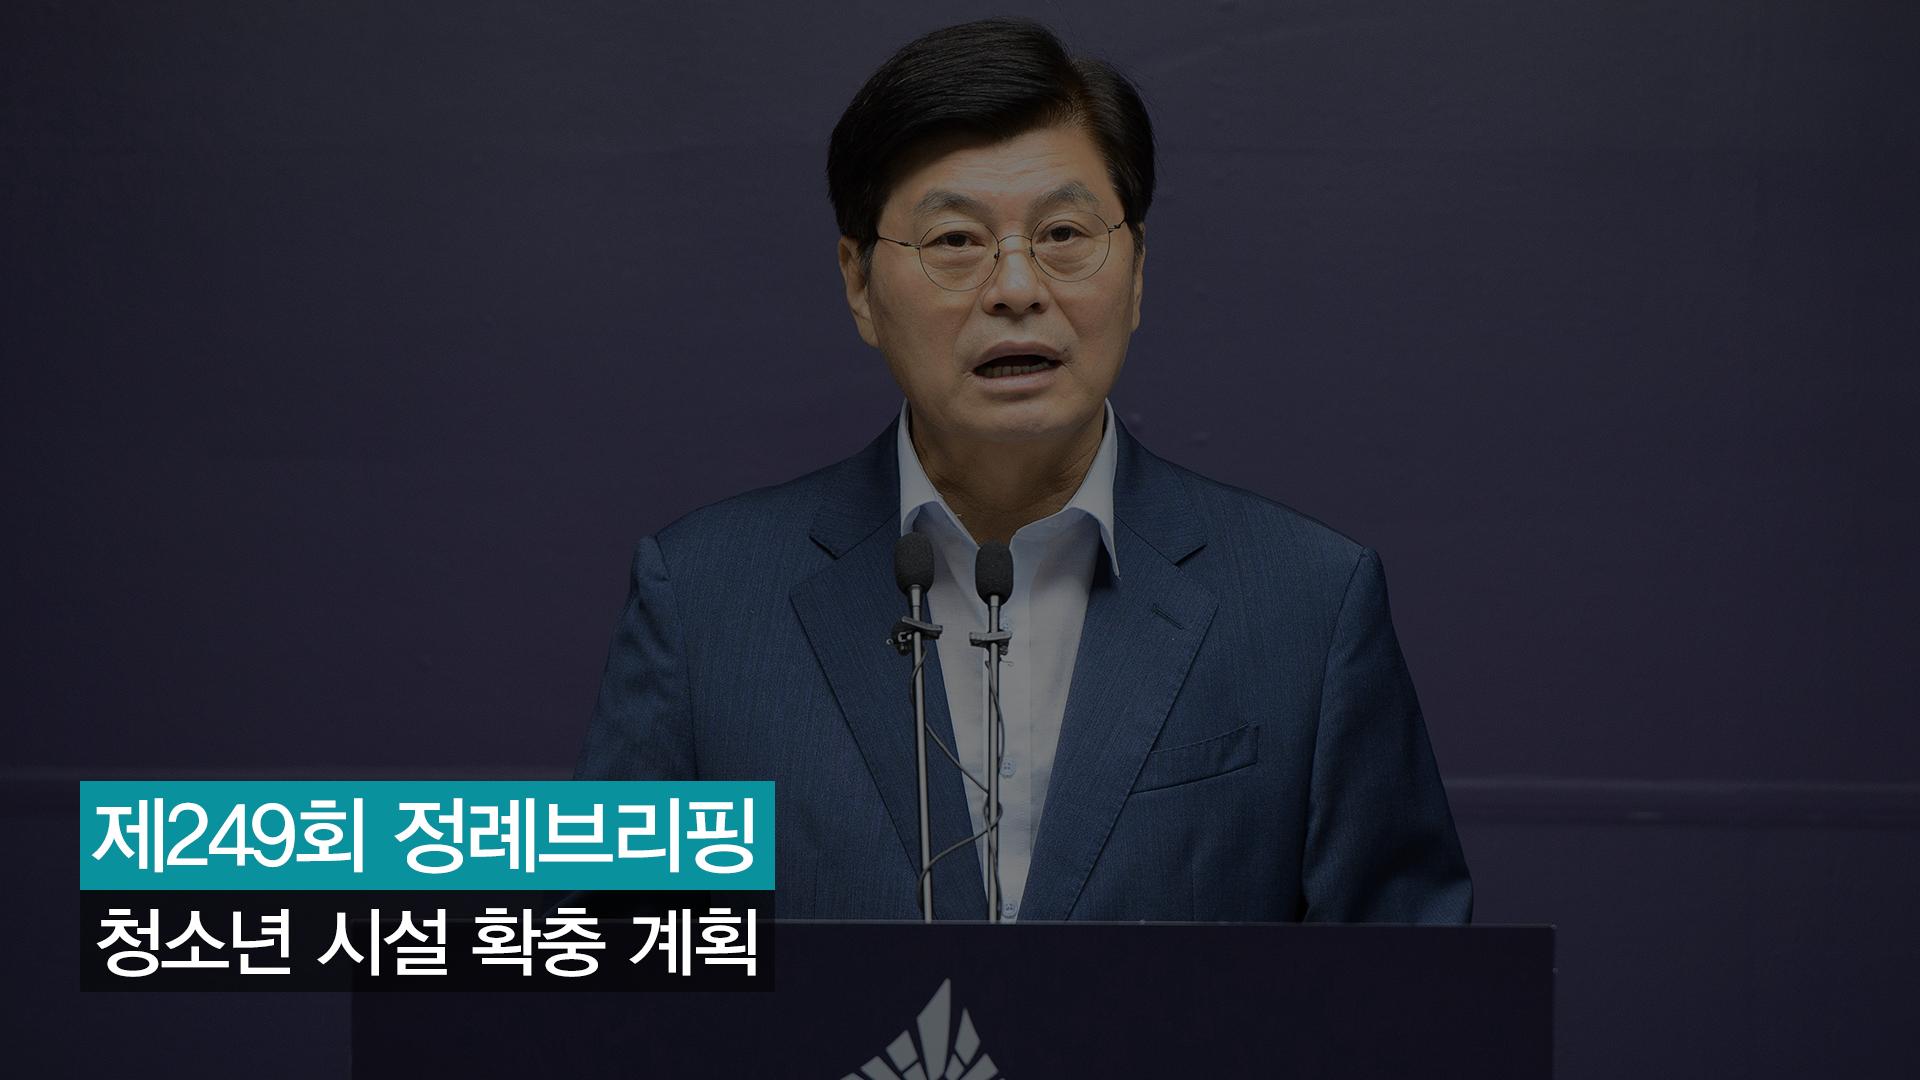 <249번째 정례브리핑> 청소년 시설 확충 계획